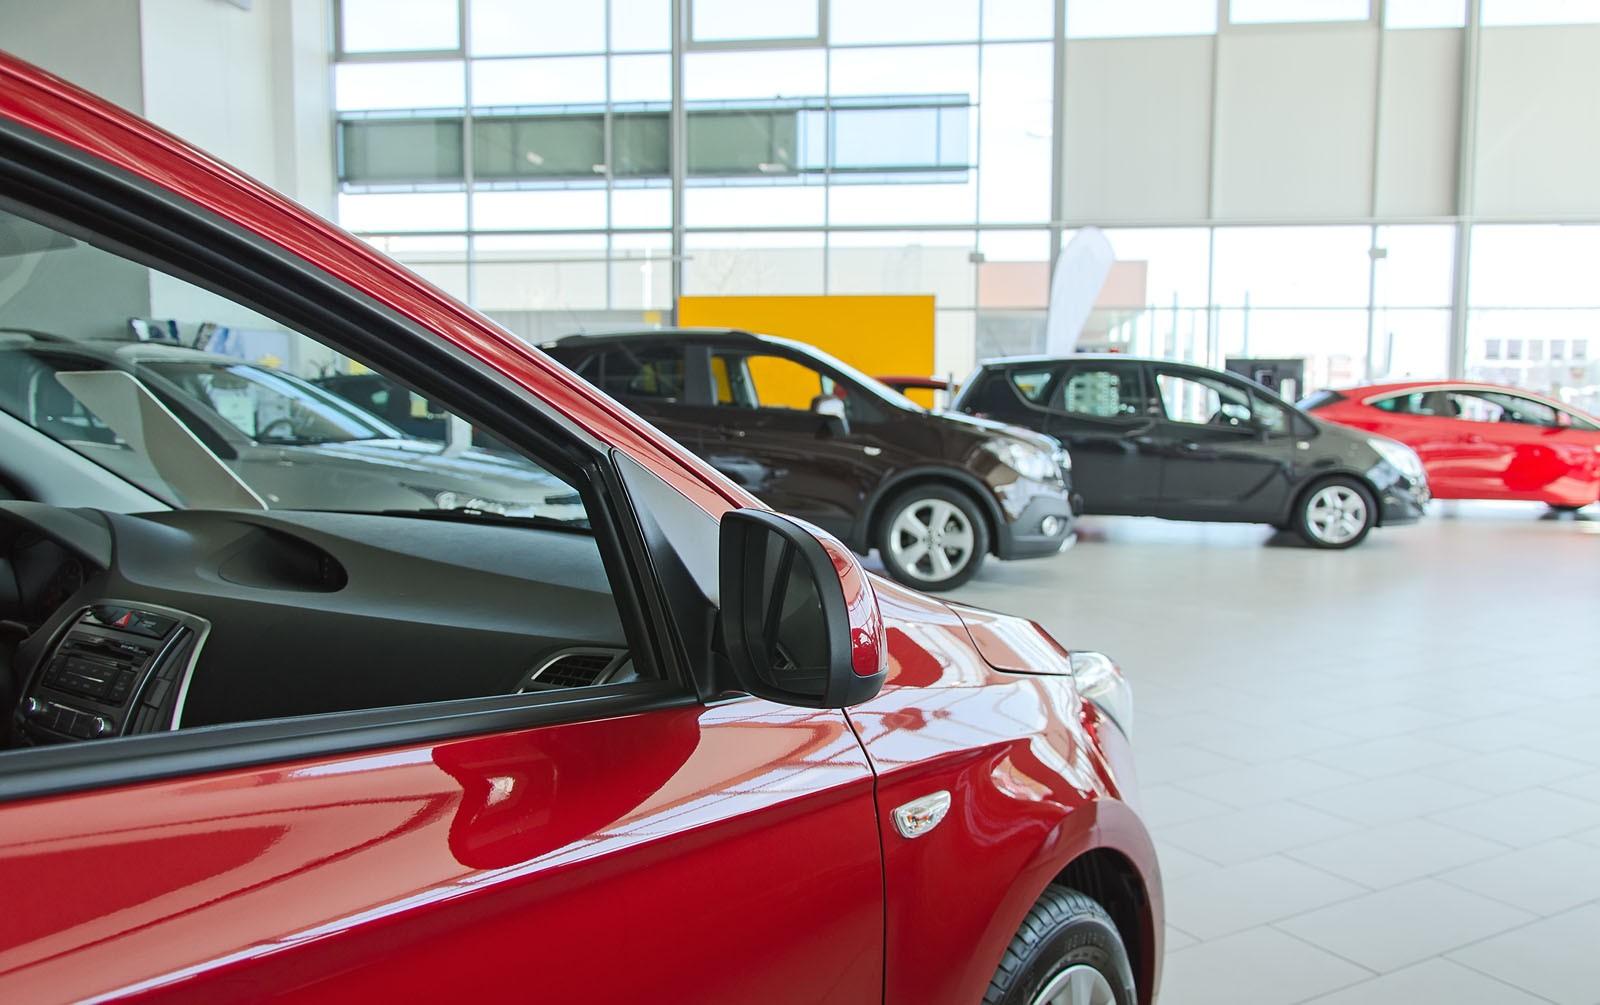 Опрос Автотеки: автомобиль необходимо менять при пробеге от 100 тыс. км, считает большинство российских автовладельцев